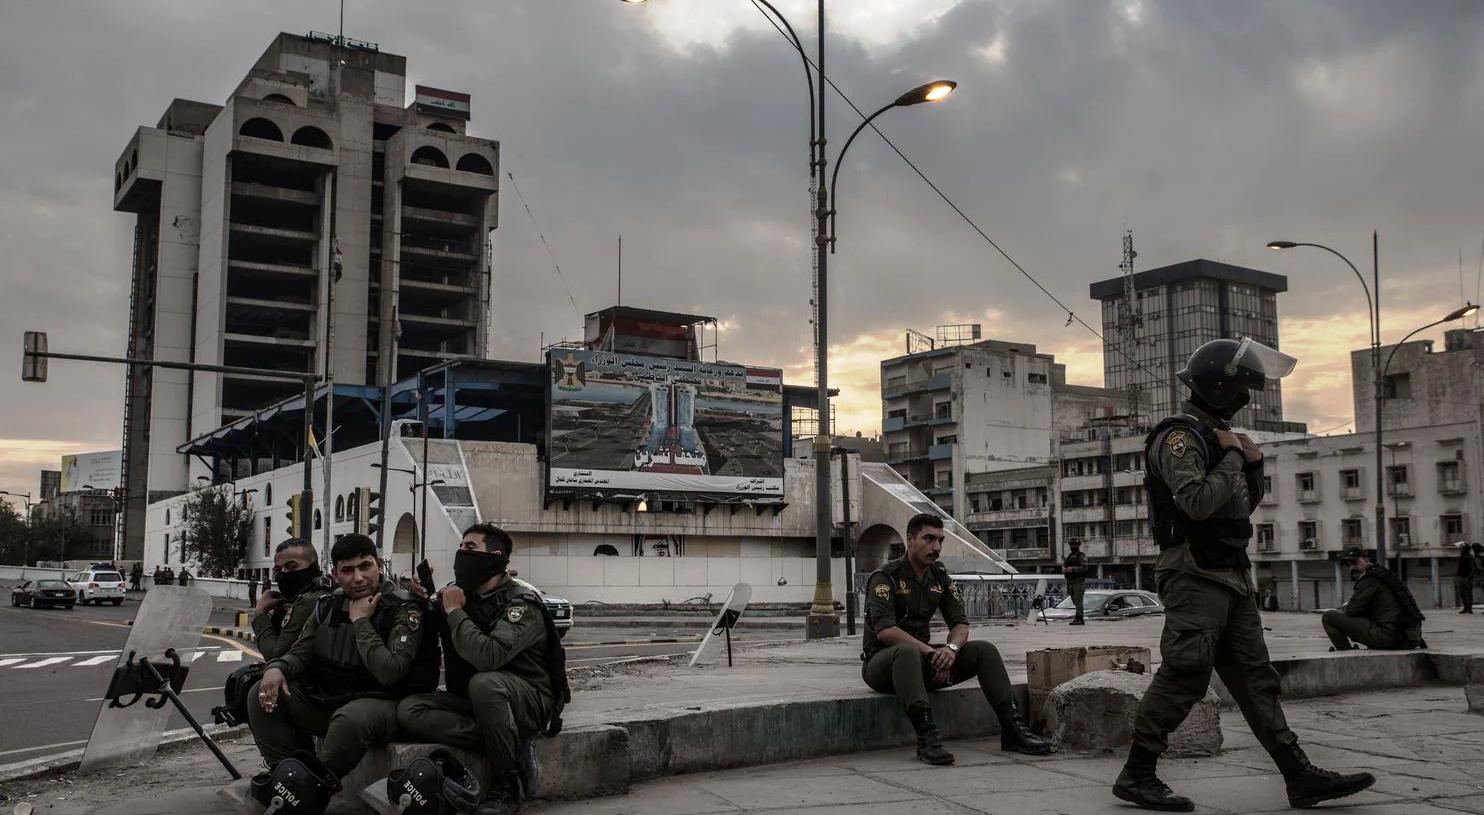 واشنطن بوست عن تظاهرات العراق: مسؤولون متخوفون من عودة الاحتجاجات وحراس السلطة يتربصون